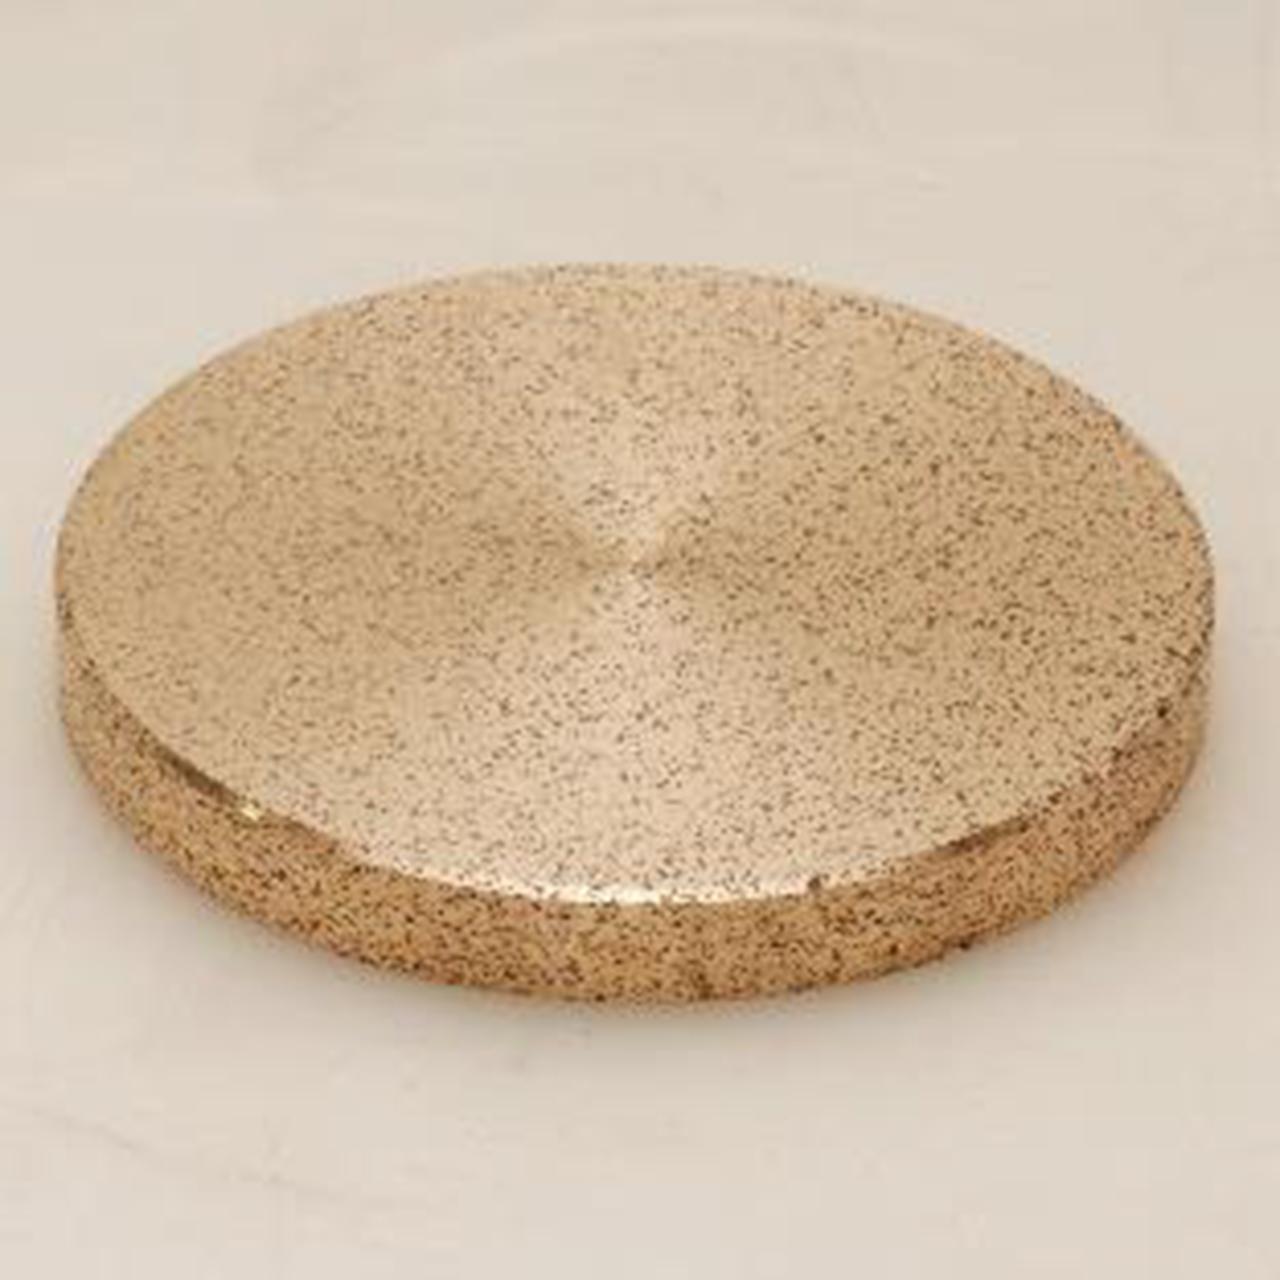 粉末冶金摩擦材料